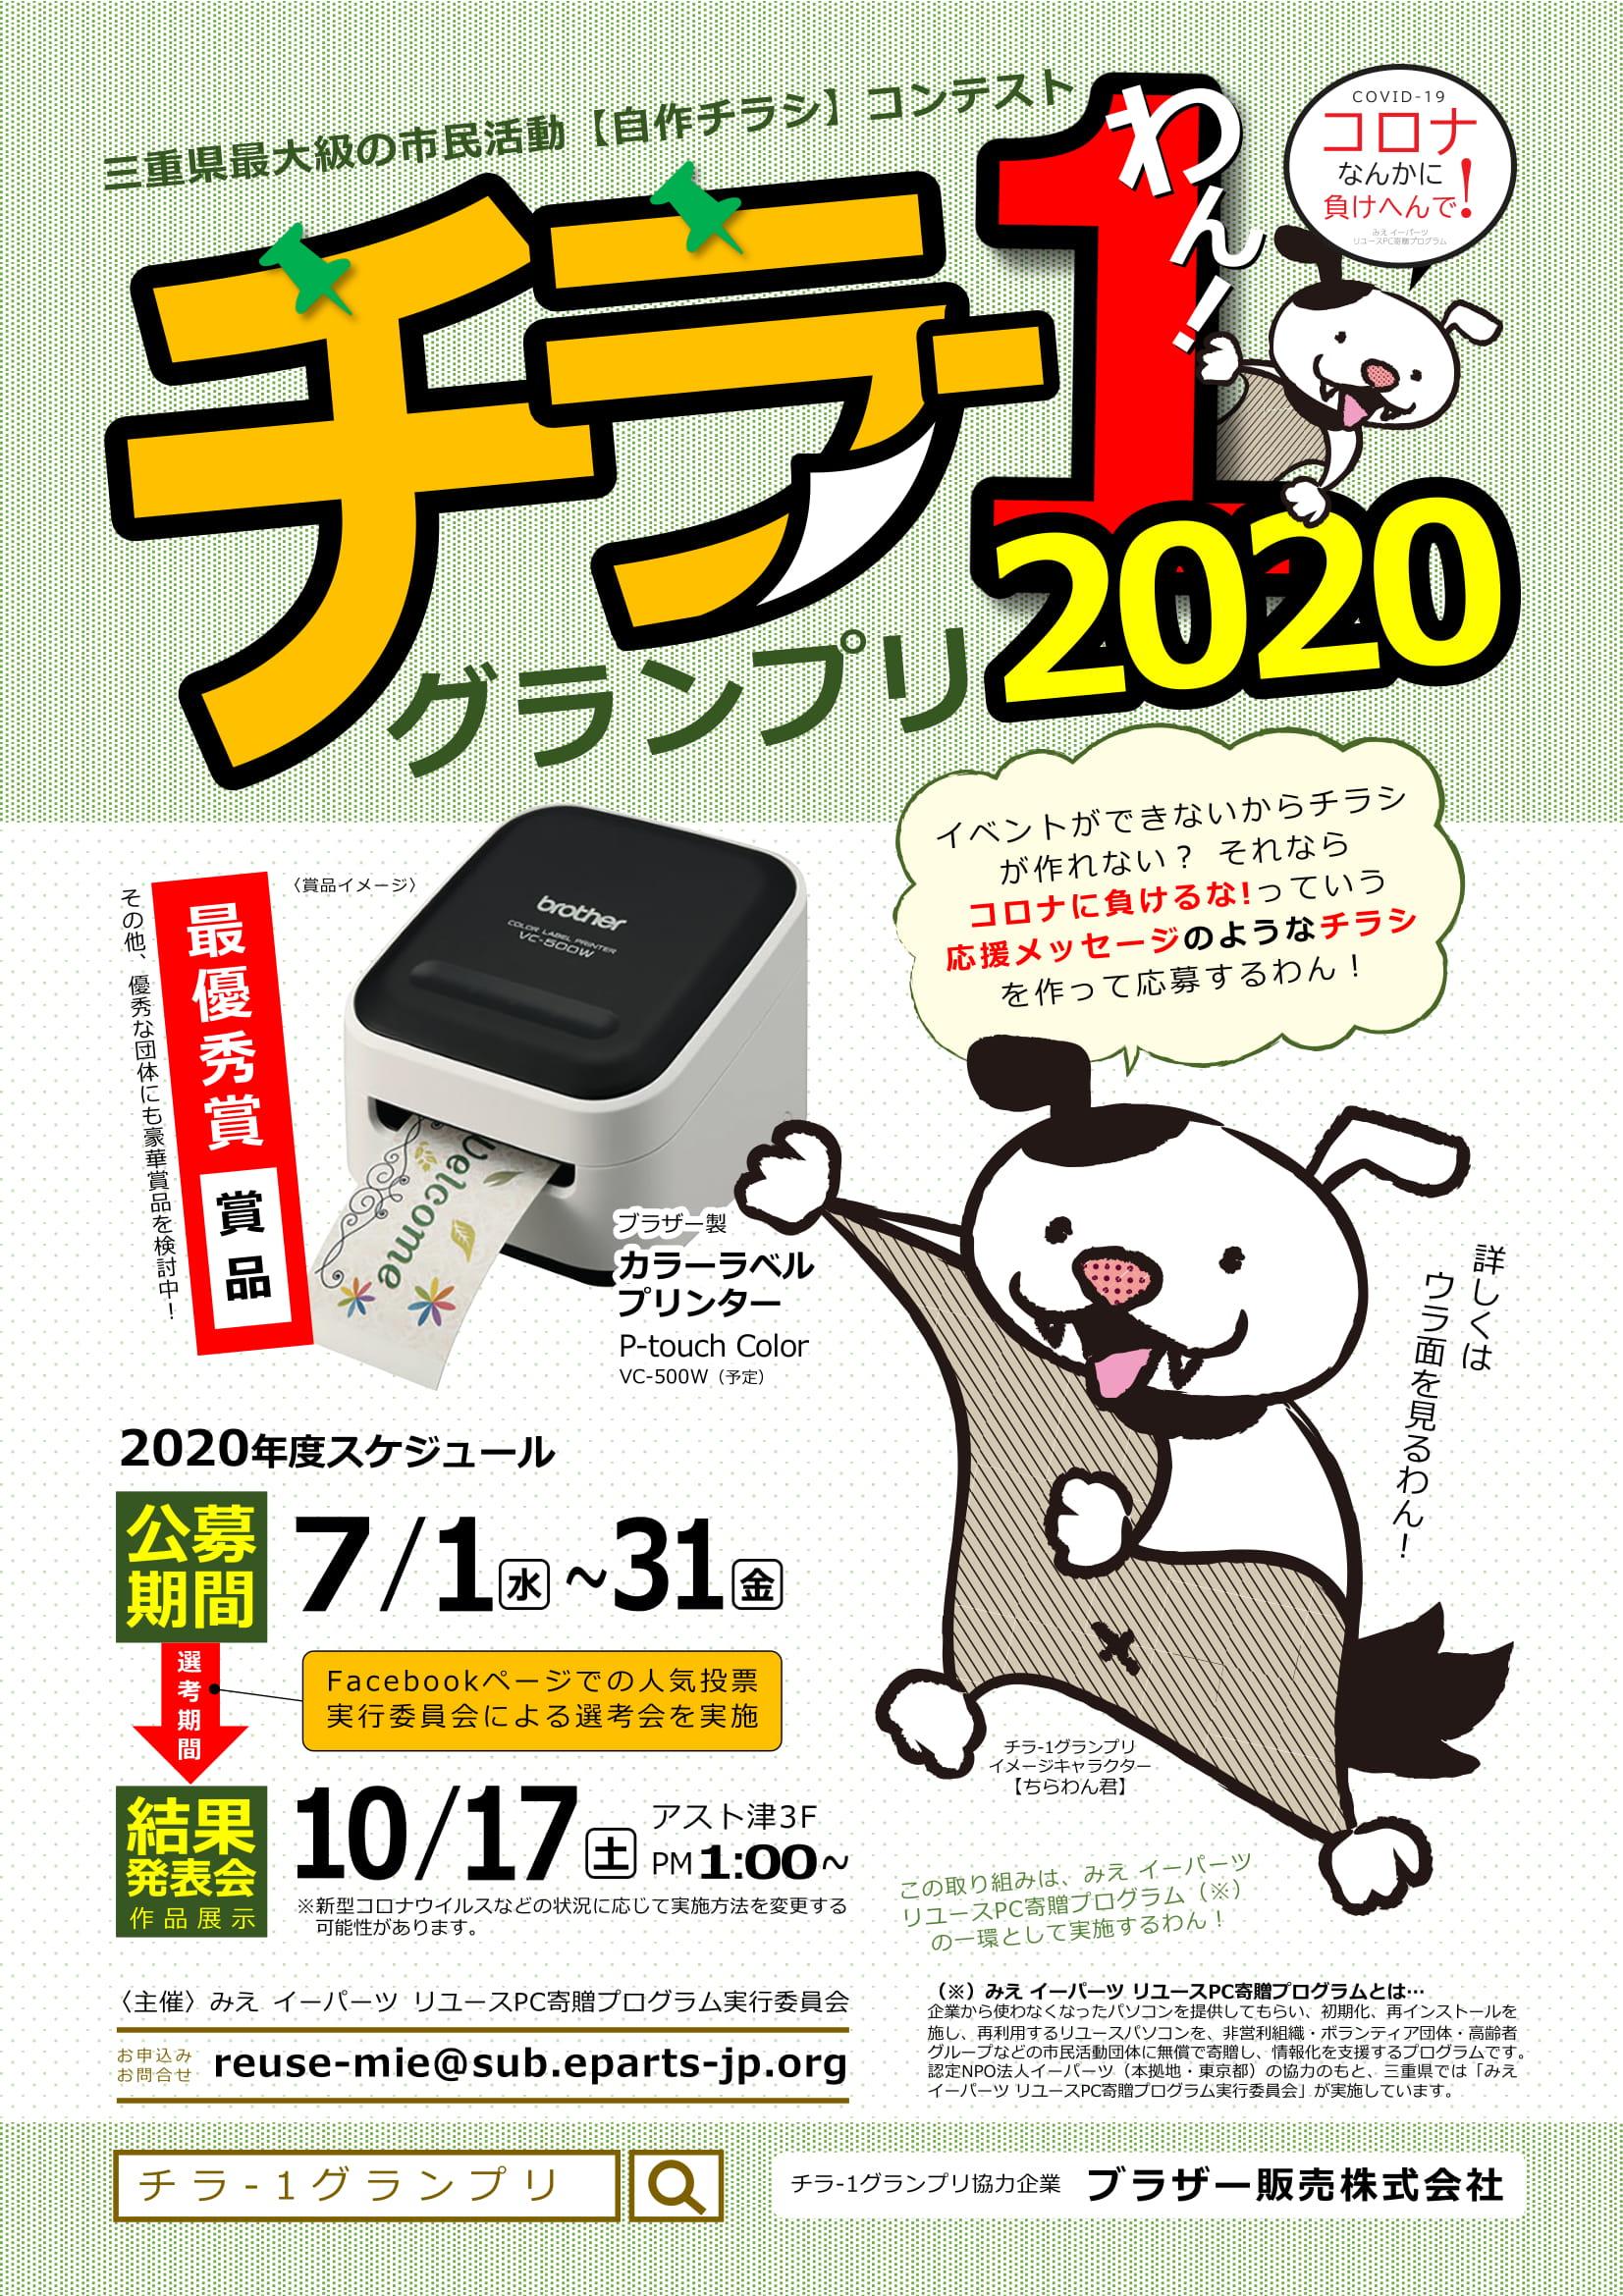 2020年度_チラ1グランプリ_チラシ-1-1